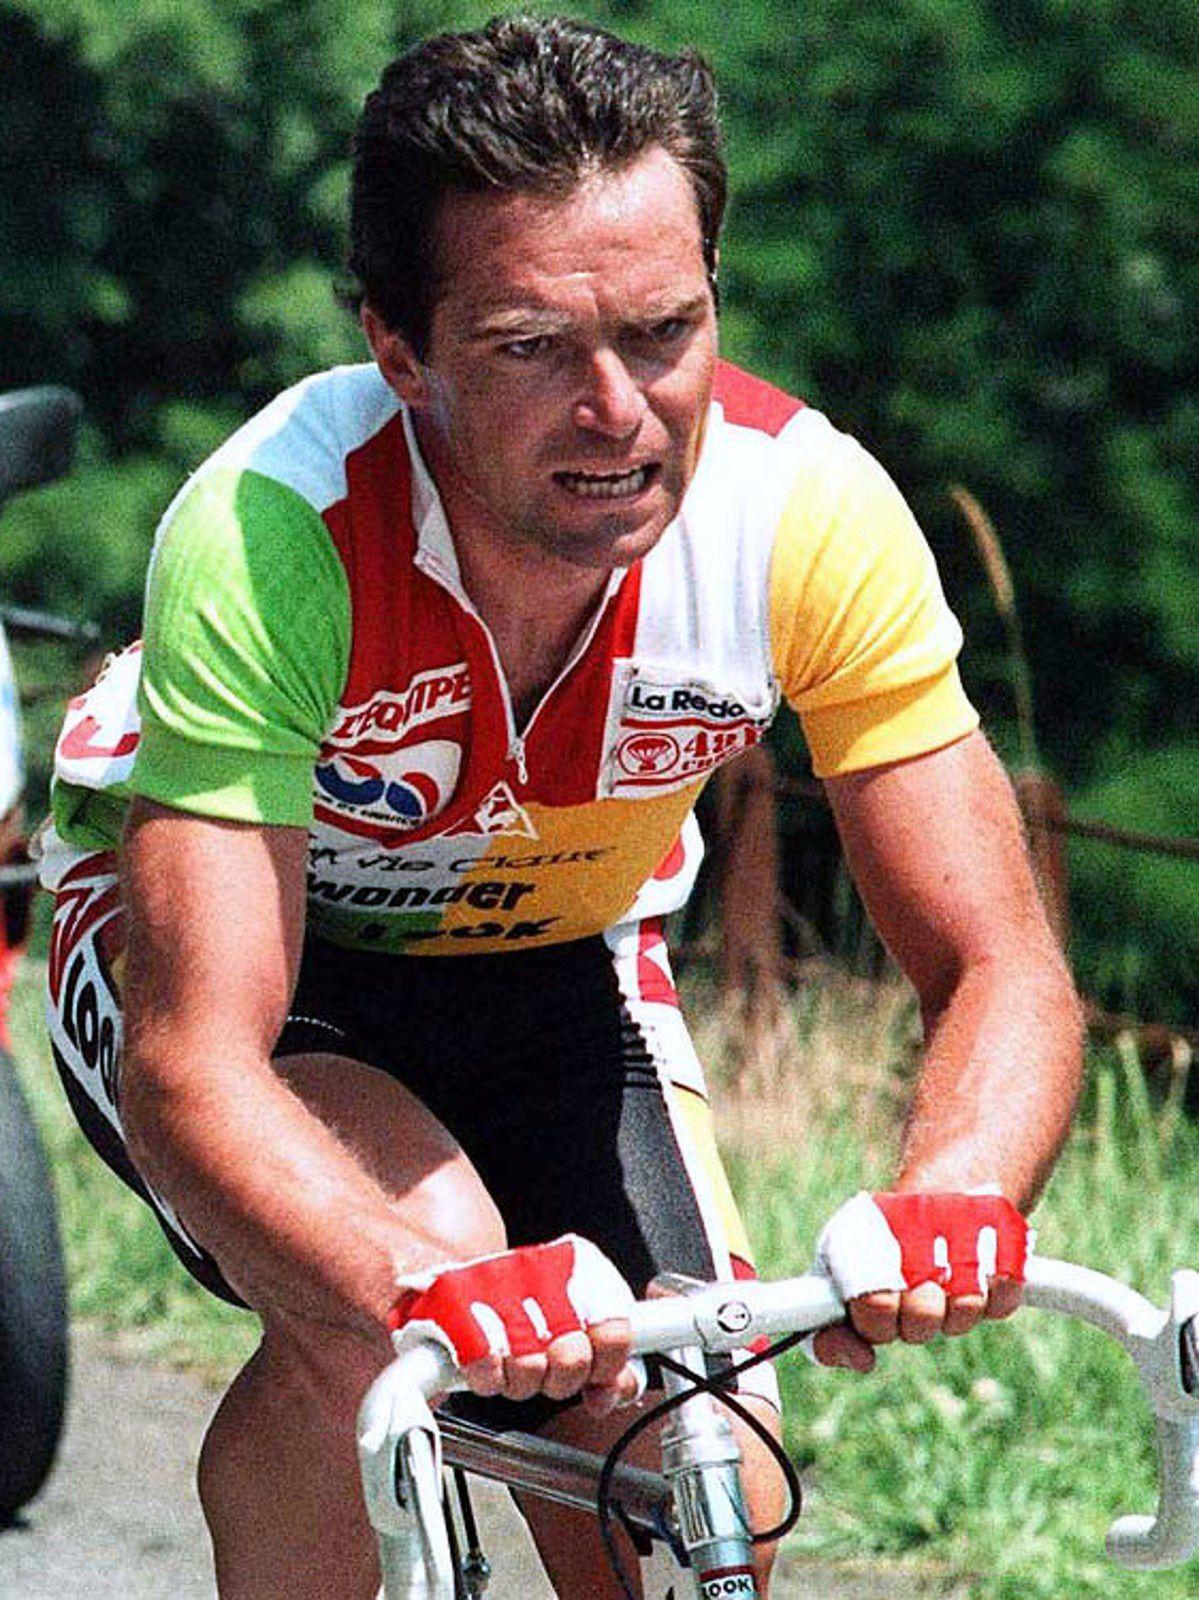 Bernard Hinault Titres Du Tour De France : bernard, hinault, titres, france, Bernard, Hinault, Surnommé, Blaireau, Dominé, Sport, Cyclisme